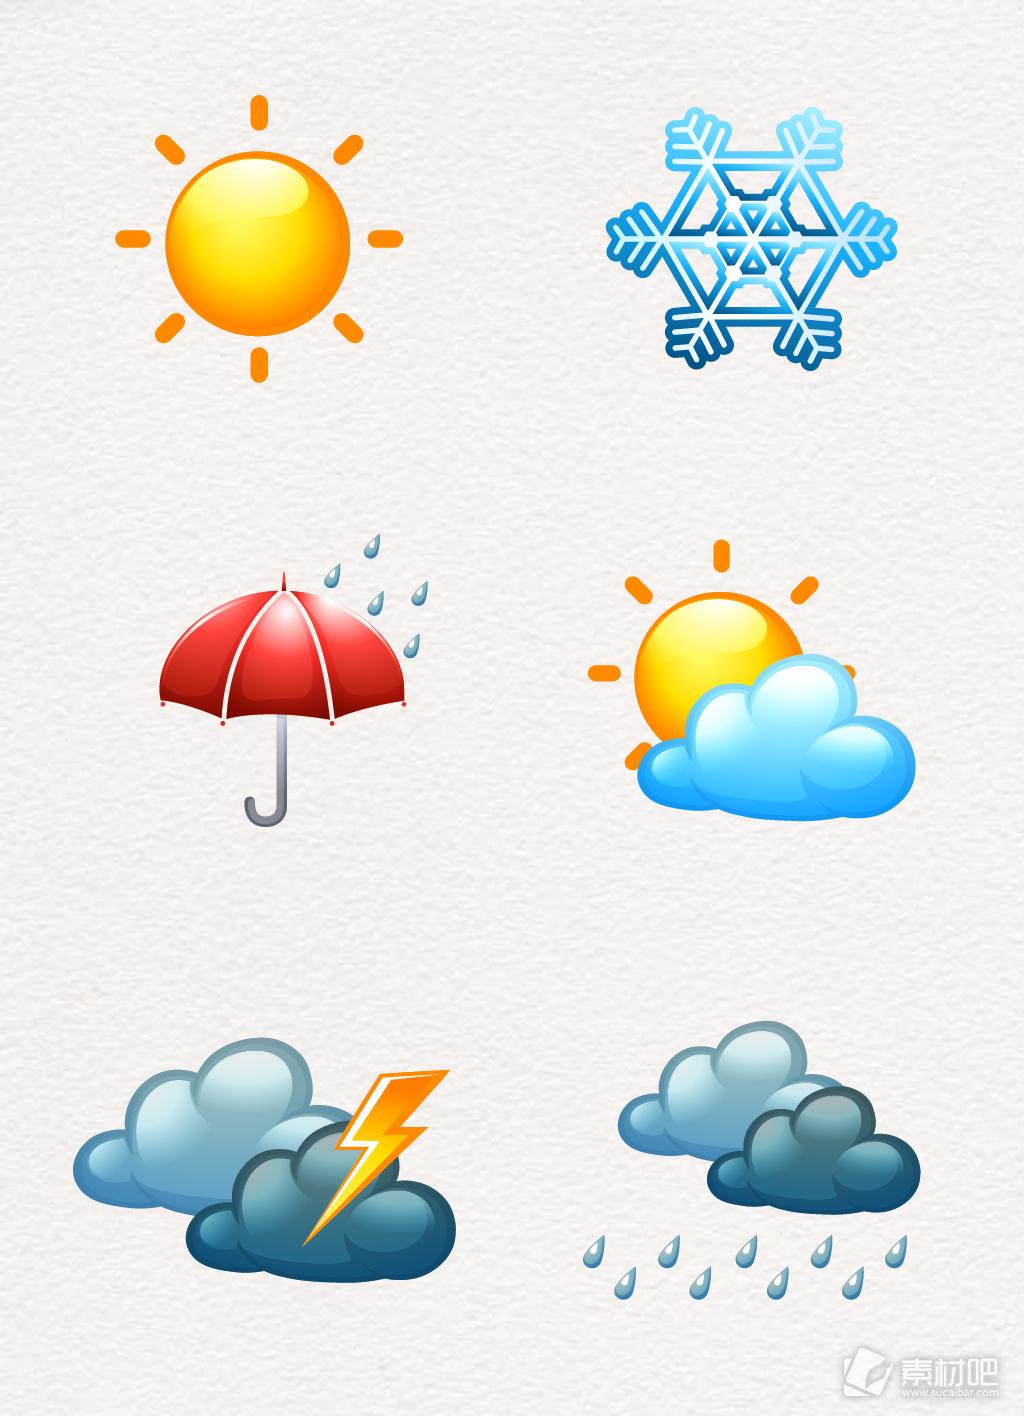 彩色手绘立体天气图标设计